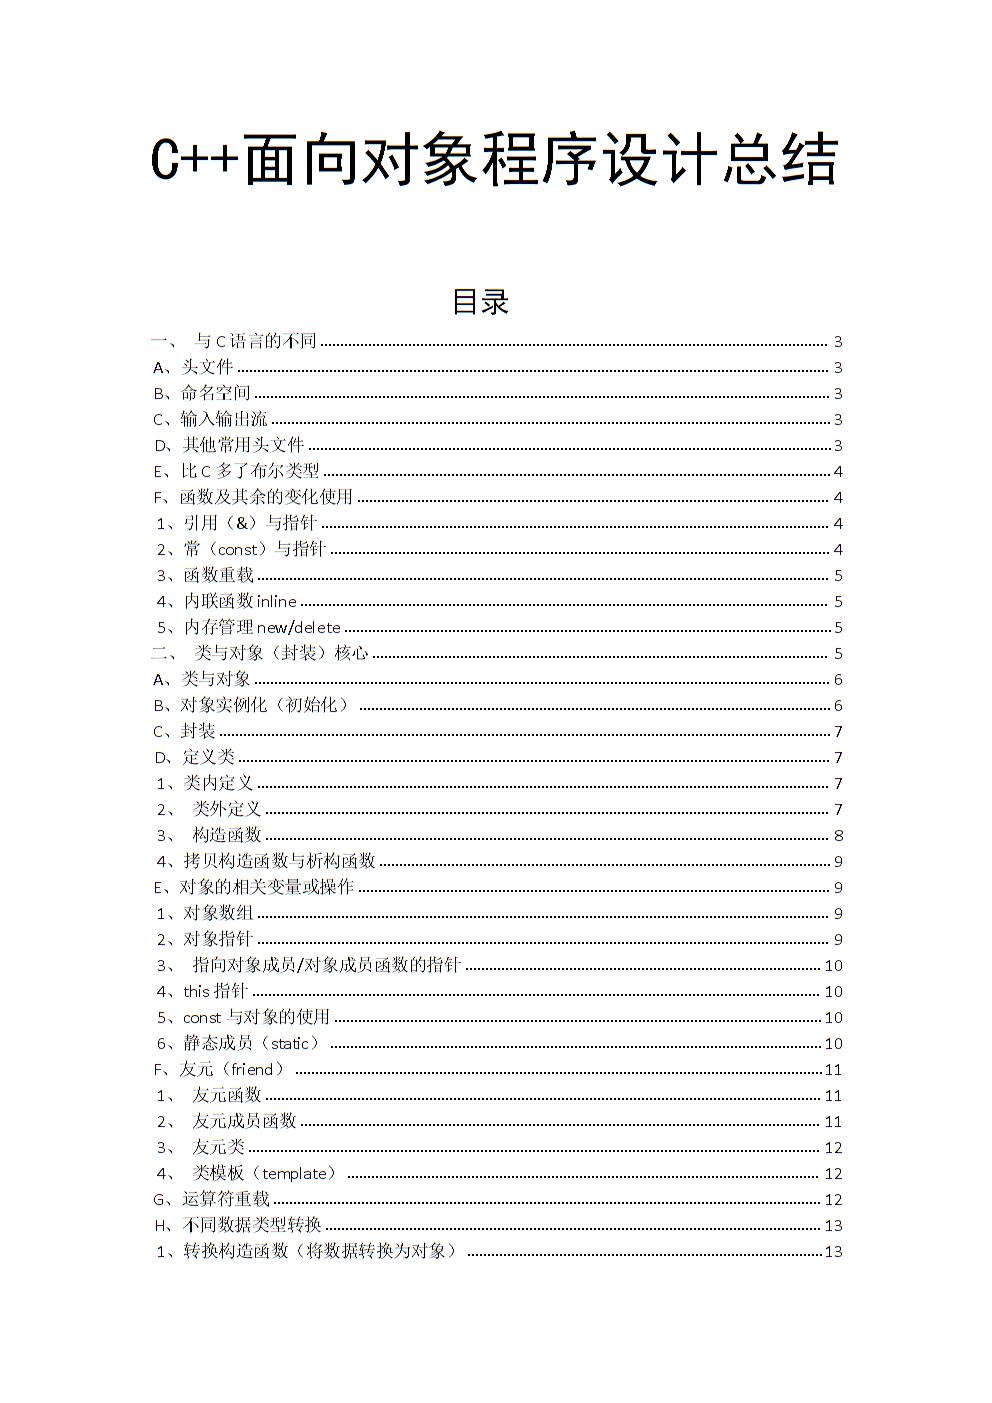 C++语言总结文档.doc